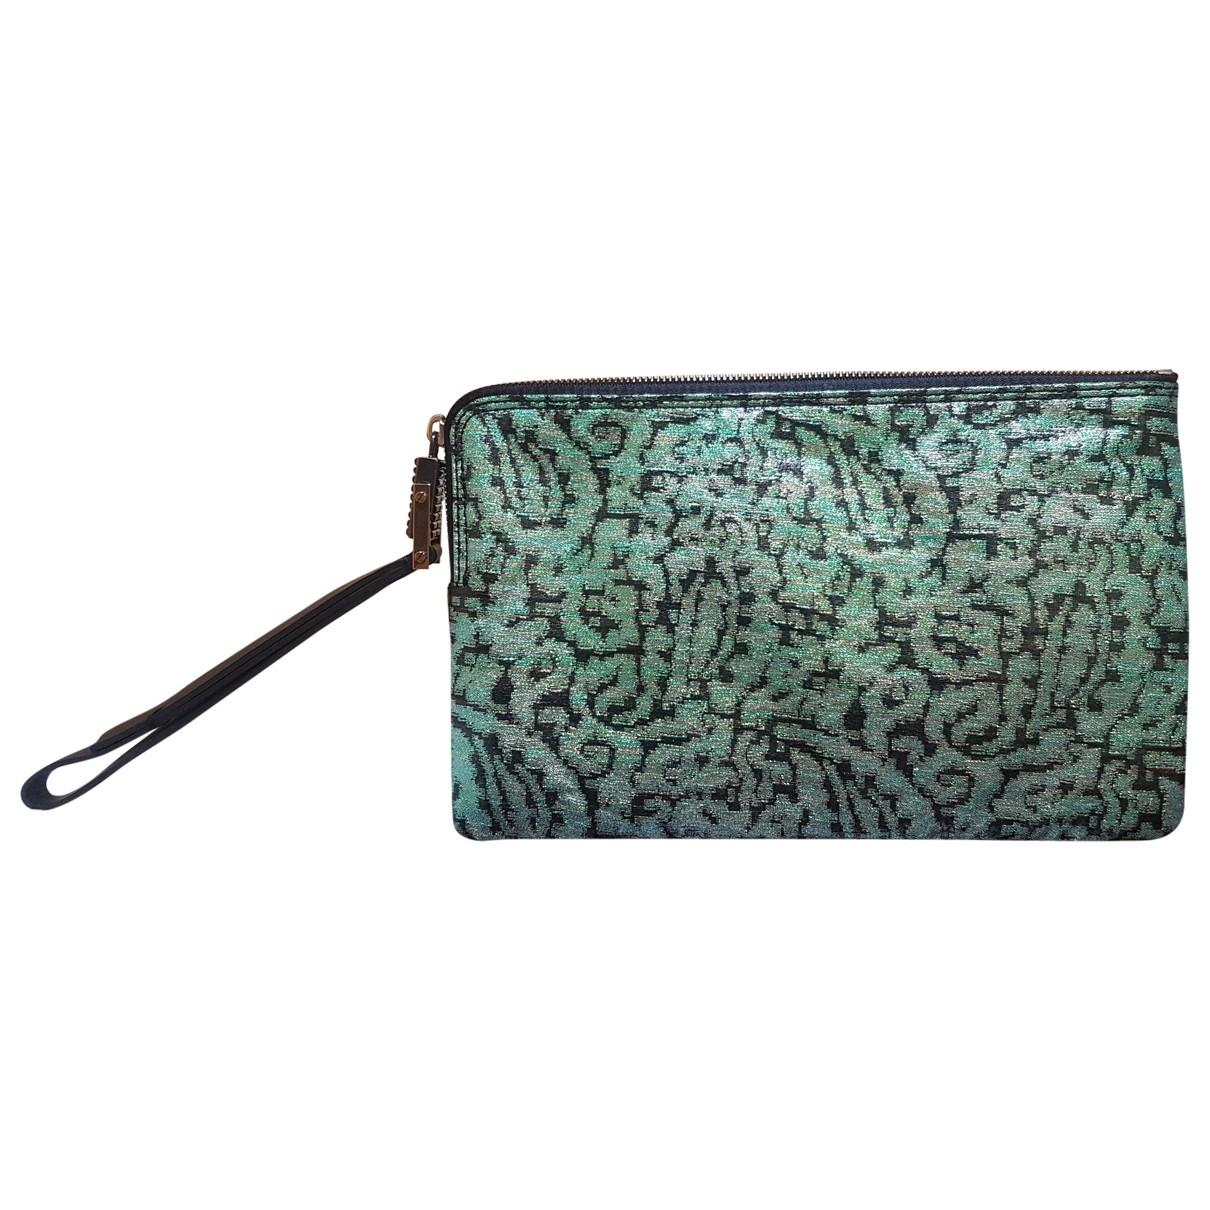 Lanvin \N Multicolour Cloth Clutch bag for Women \N